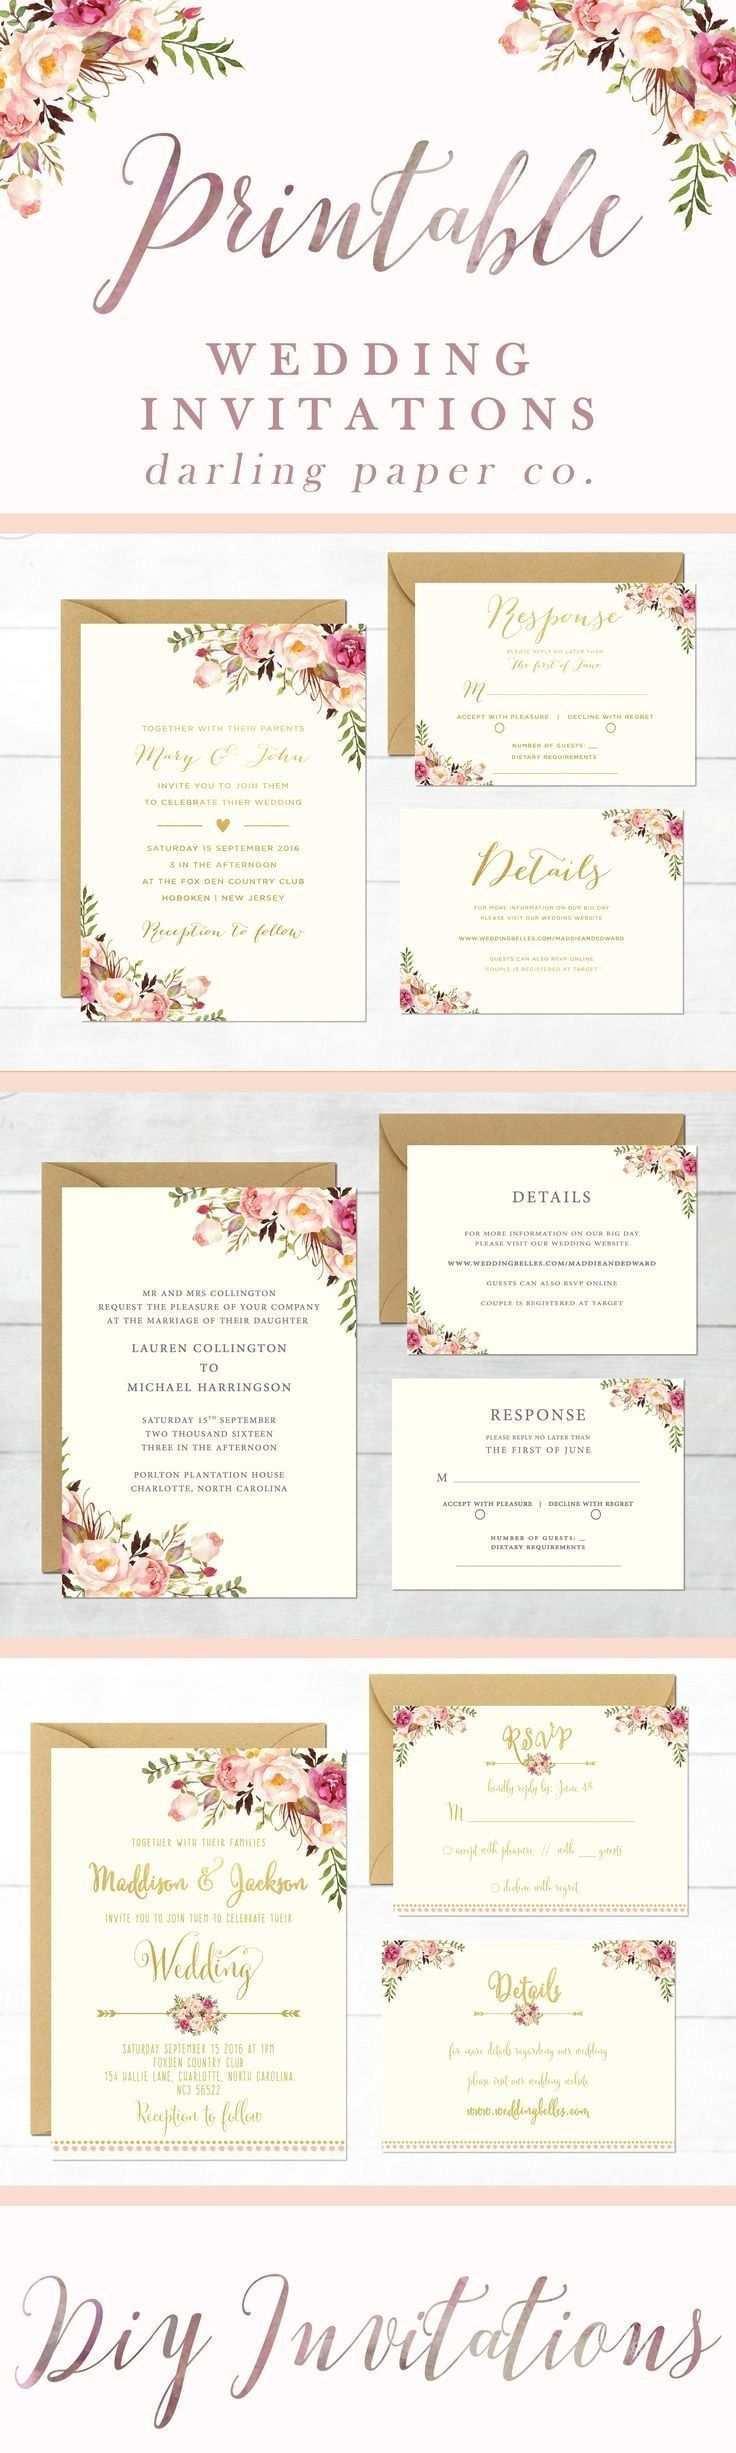 Druckbare Hochzeitseinladungen Vorlagen Druckbare Hochzeitskarten Ele Coole Hochzeitseinladungen Hochzeitseinladungen Zum Ausdrucken Blumenhochzeitseinladungen